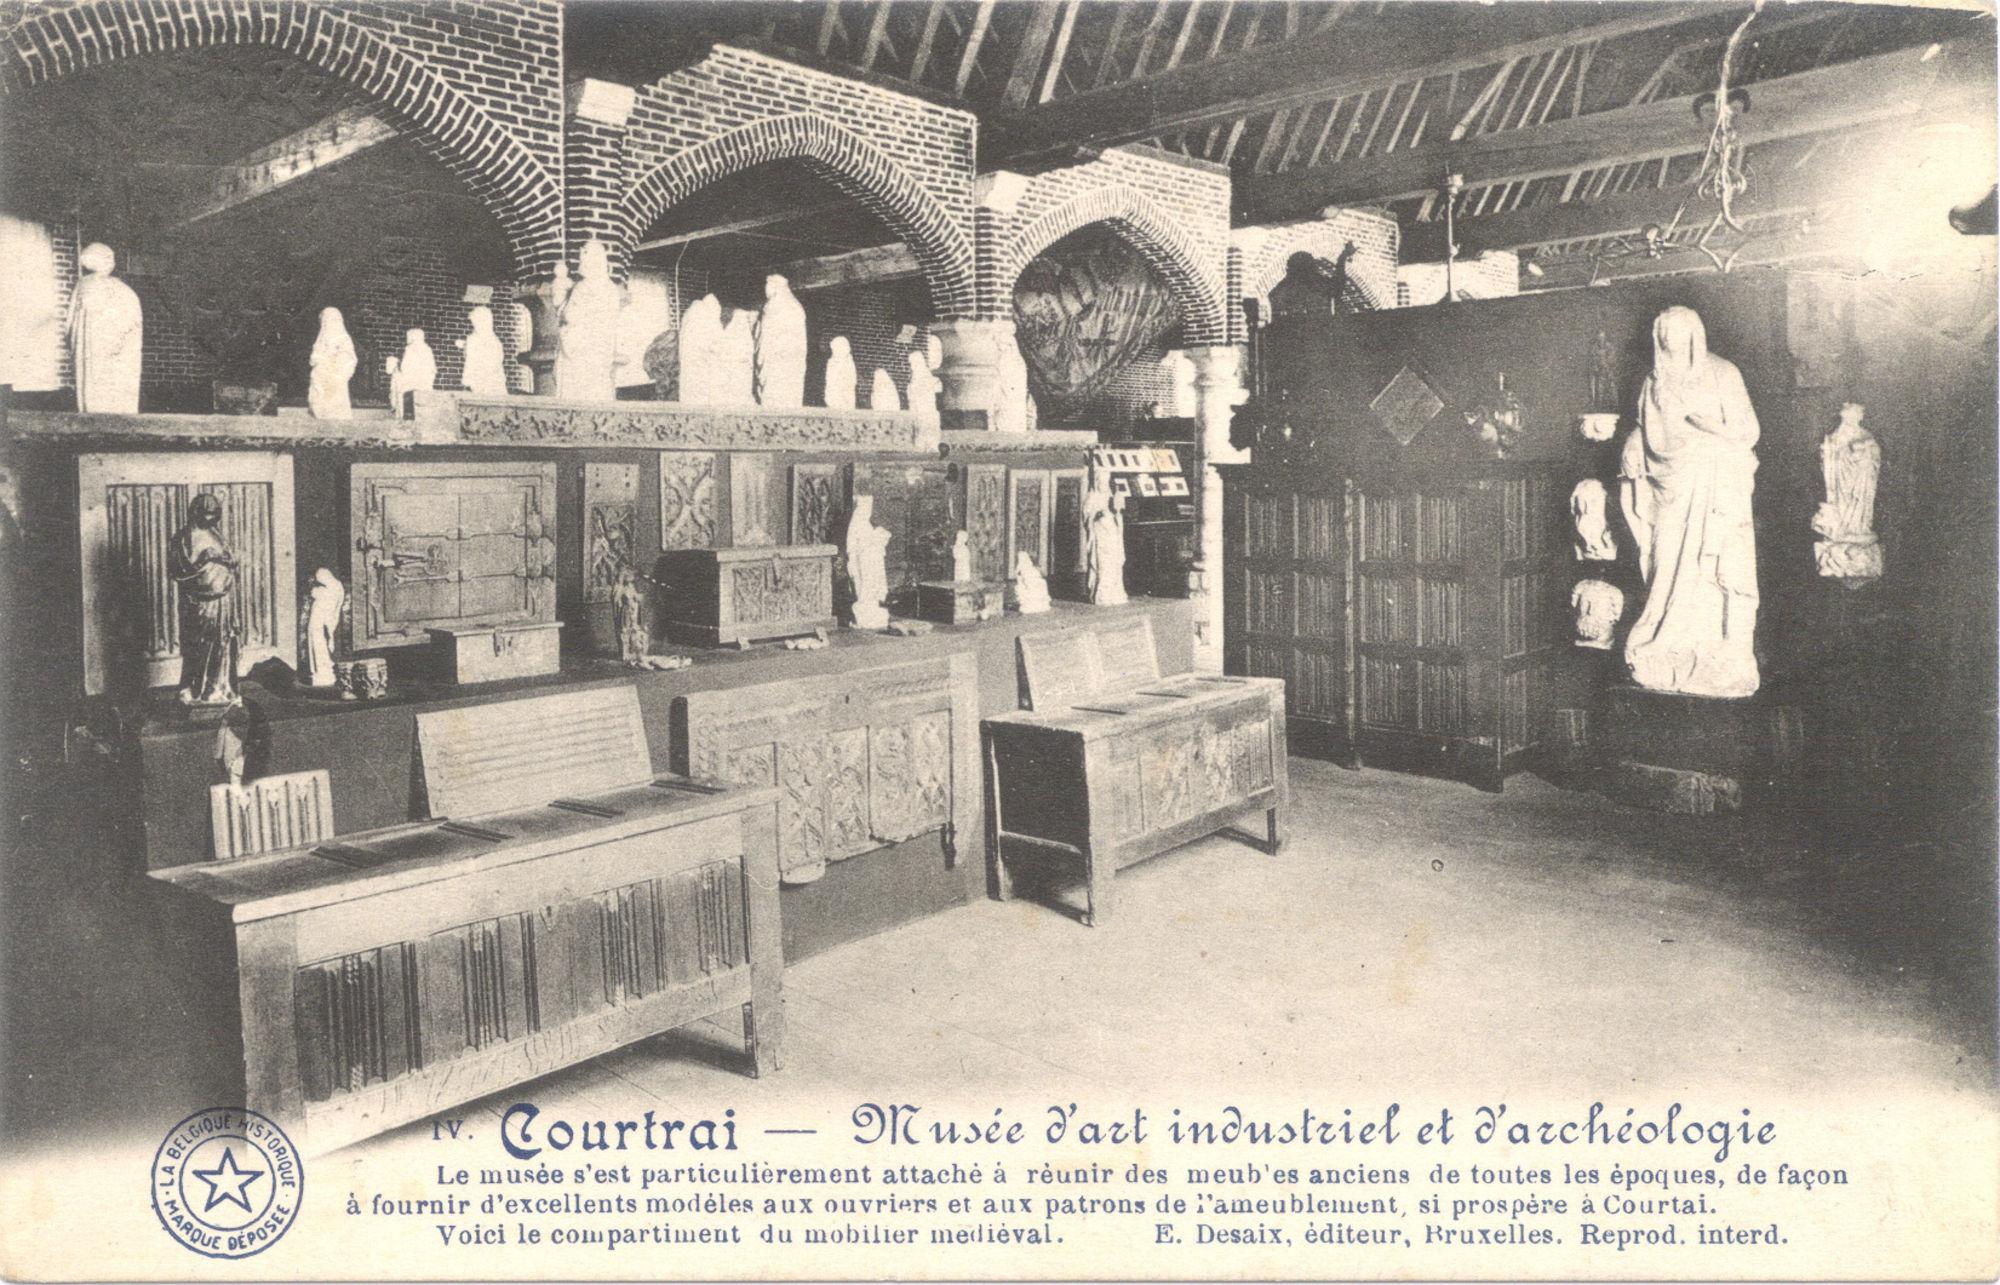 Middeleeuws meubilair in het museum van industriële kunst en archeologie in Kortrijk